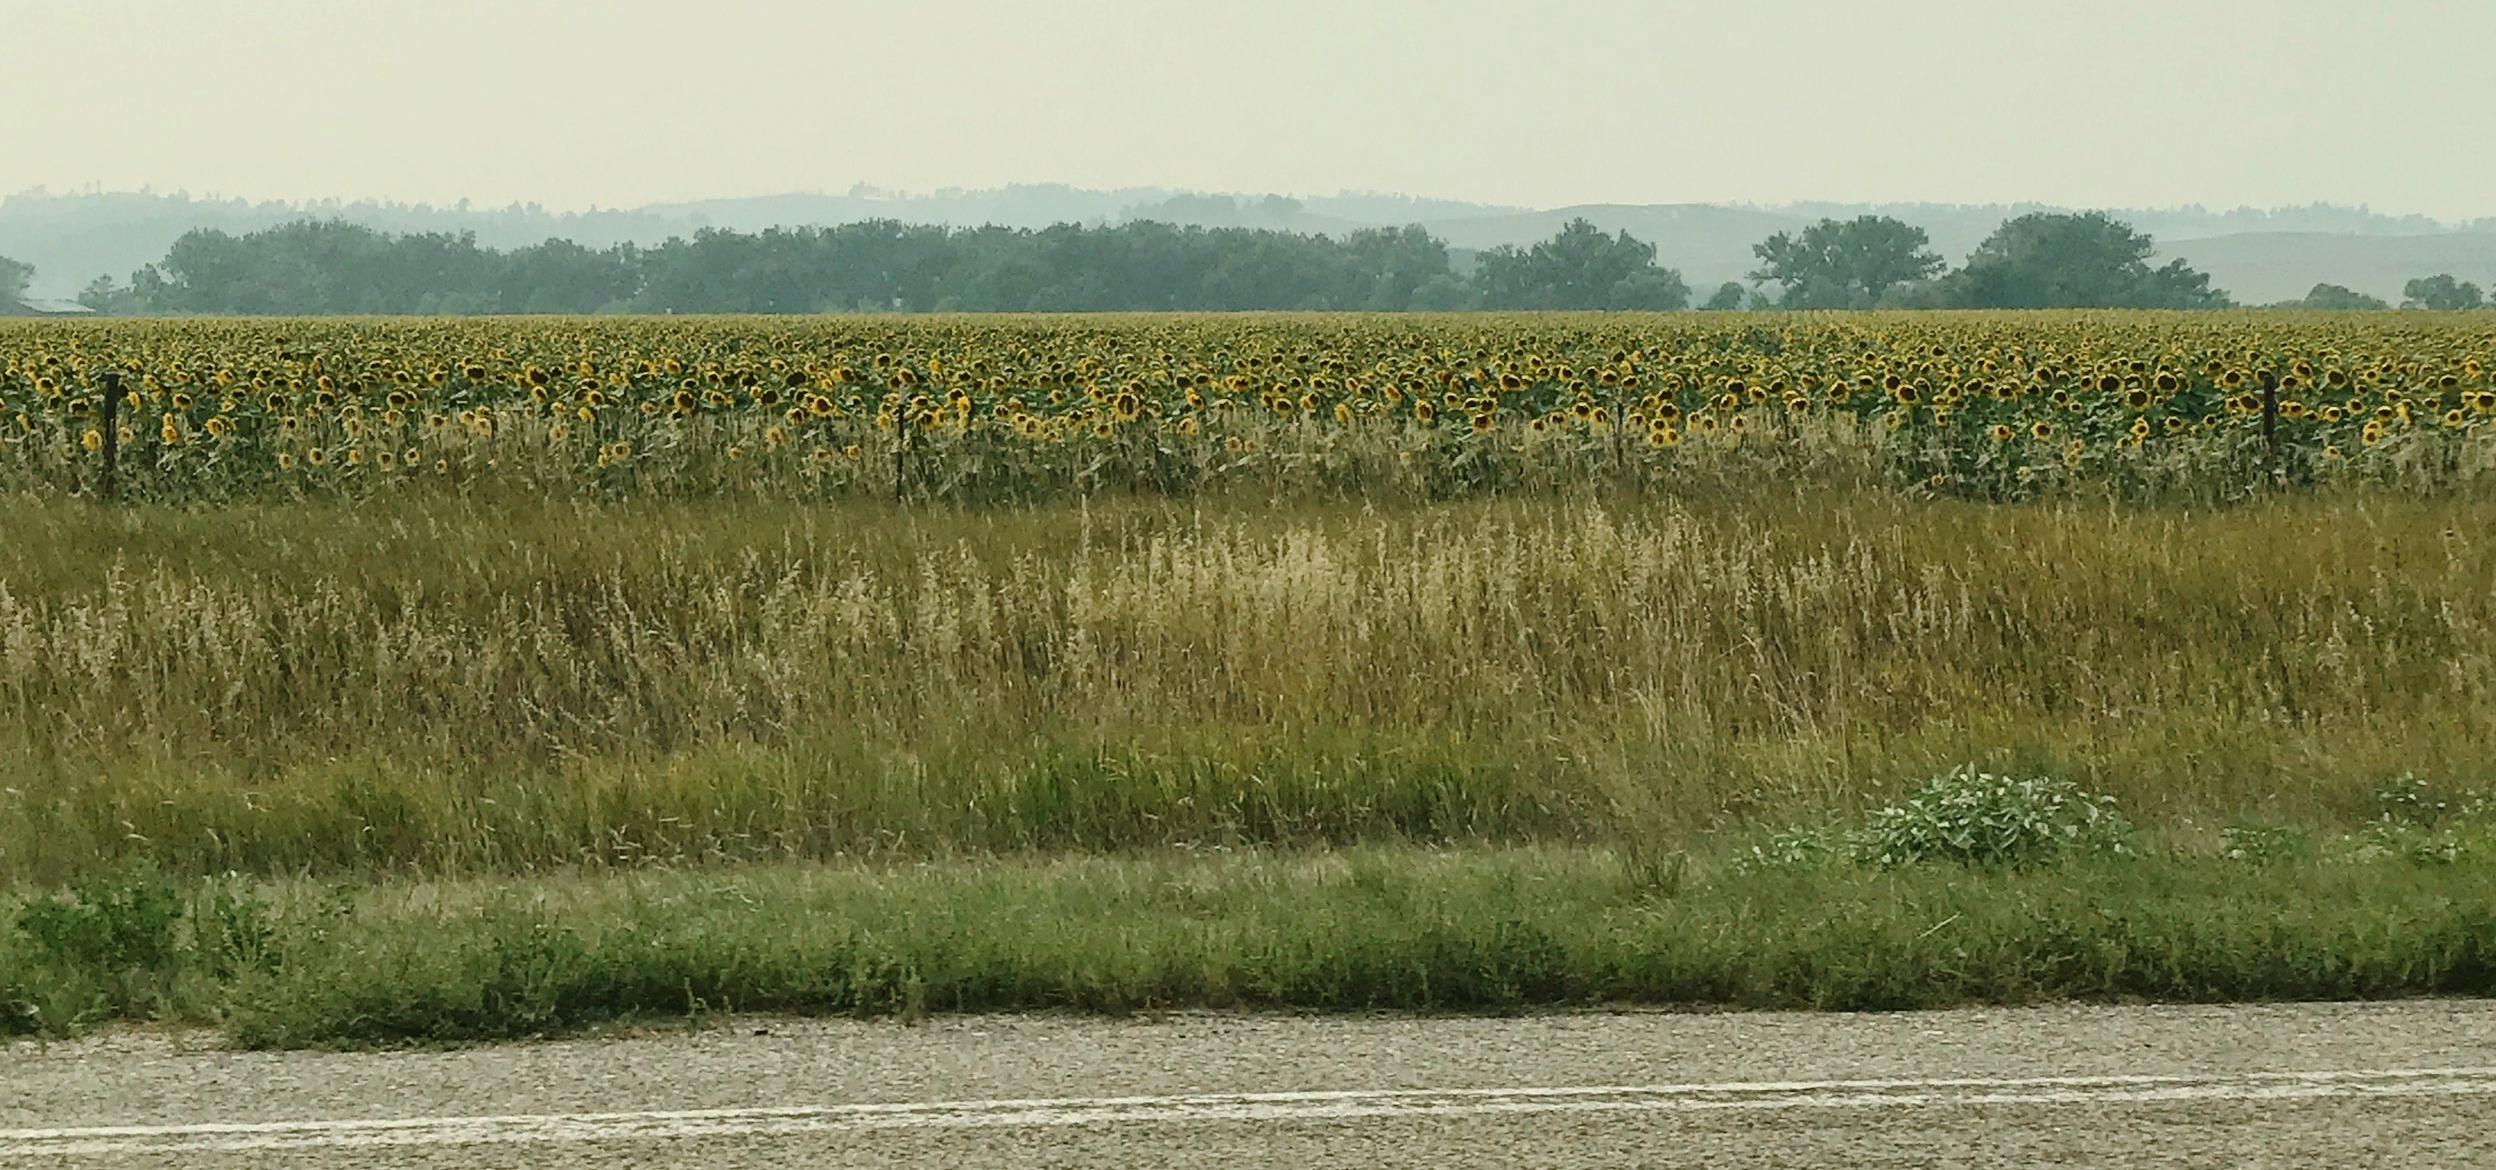 Roadside sunflower field in Nebraska, under a smokey haze.